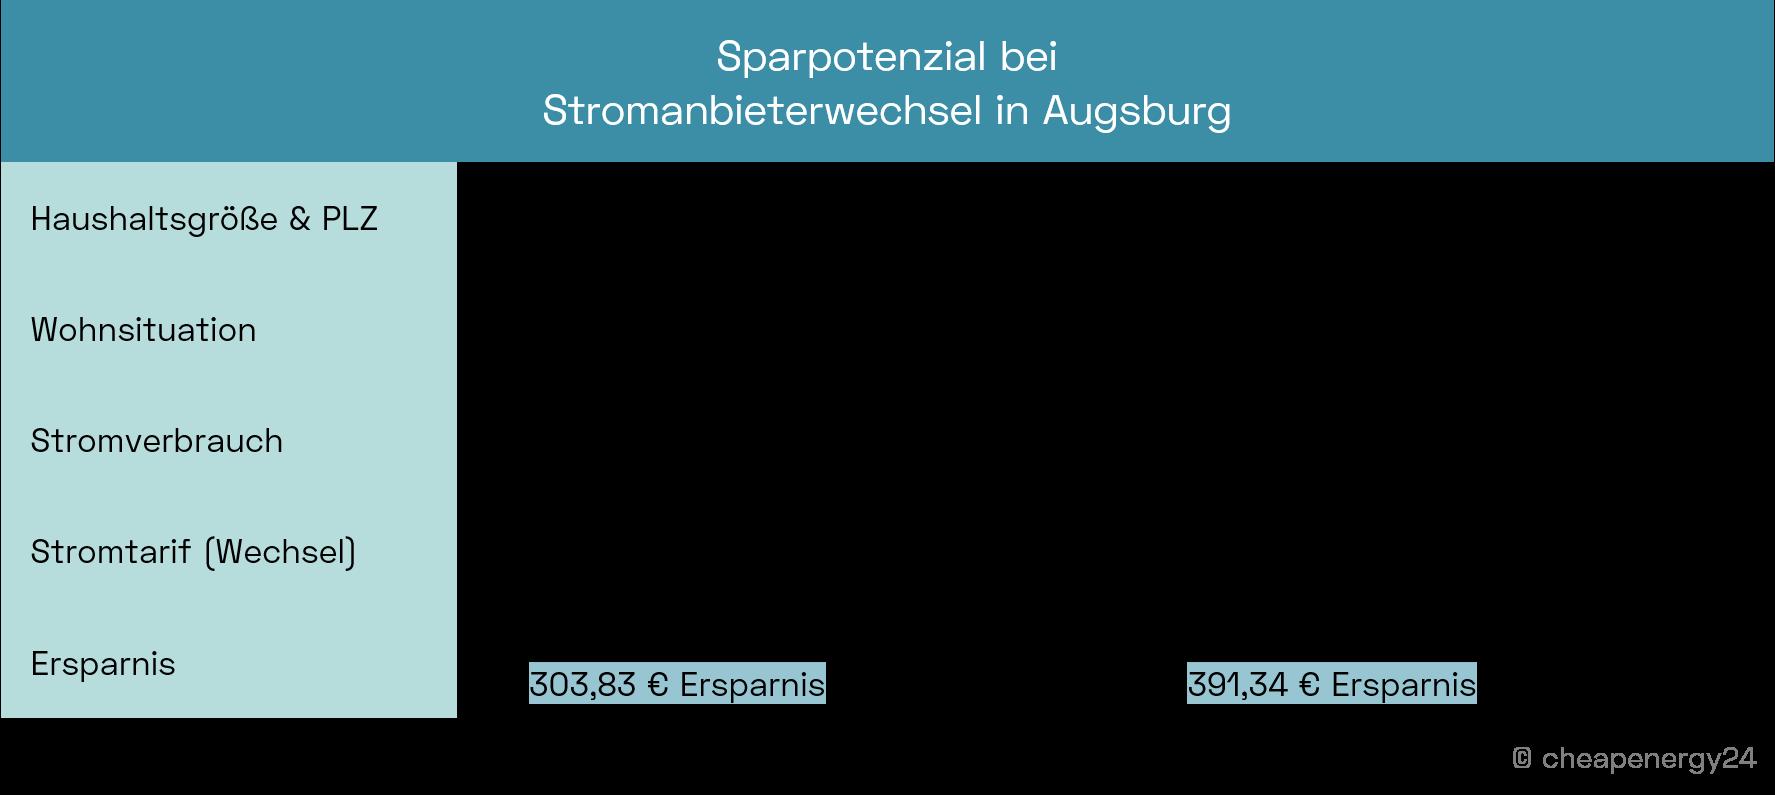 Sparpotenzial beim Stromanbieterwechsel in Augsburg